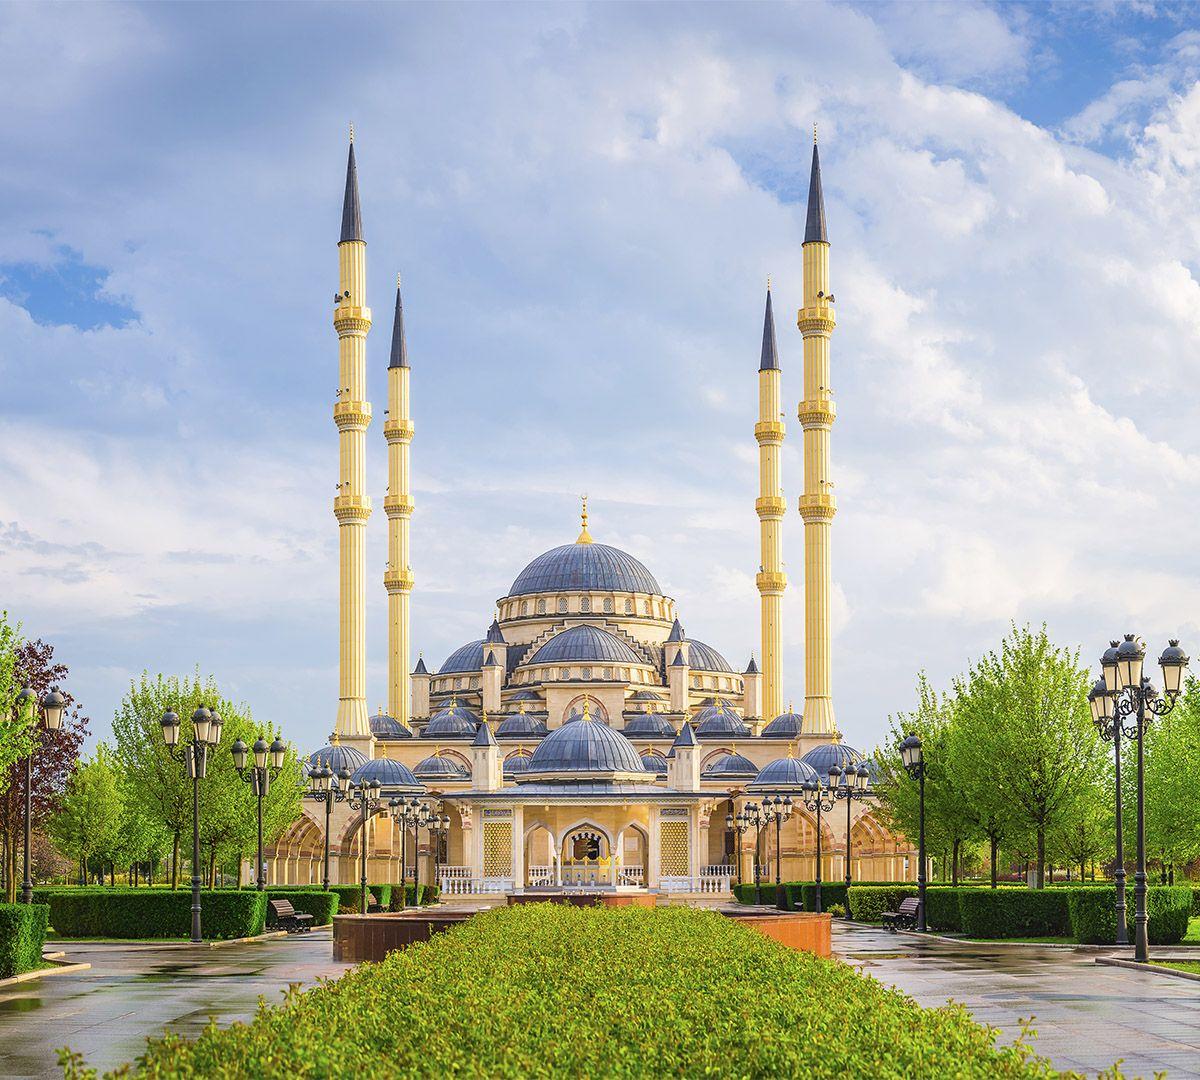 Фотообои флизелиновые Milan Утро в Чечне, текстурные, 3 х 2,7 мM 3509Текстурные флизелиновые фотообои Milan Утро в Чечне позволят создать неповторимый облик помещения, в котором они размещены. Milan — дизайнерская коллекция фотообоев и фотопанно европейского качества, созданная на основе последних тенденций в мире интерьерной моды. Еще вчера эти тренды демонстрировались на подиумах столицы моды, а сегодня они нашли реализацию в декоре стен. Фотообои Milan реализуют концепцию доступности Моды для жителей больших и маленьких городов. Фотообои Milan — мода для стен, доступная каждому! Монтаж: Клеи Quelid Murale, Хенкель Metylan Овалид Т и Pufas Security GK10 . Принцип монтажа: стык в стык.